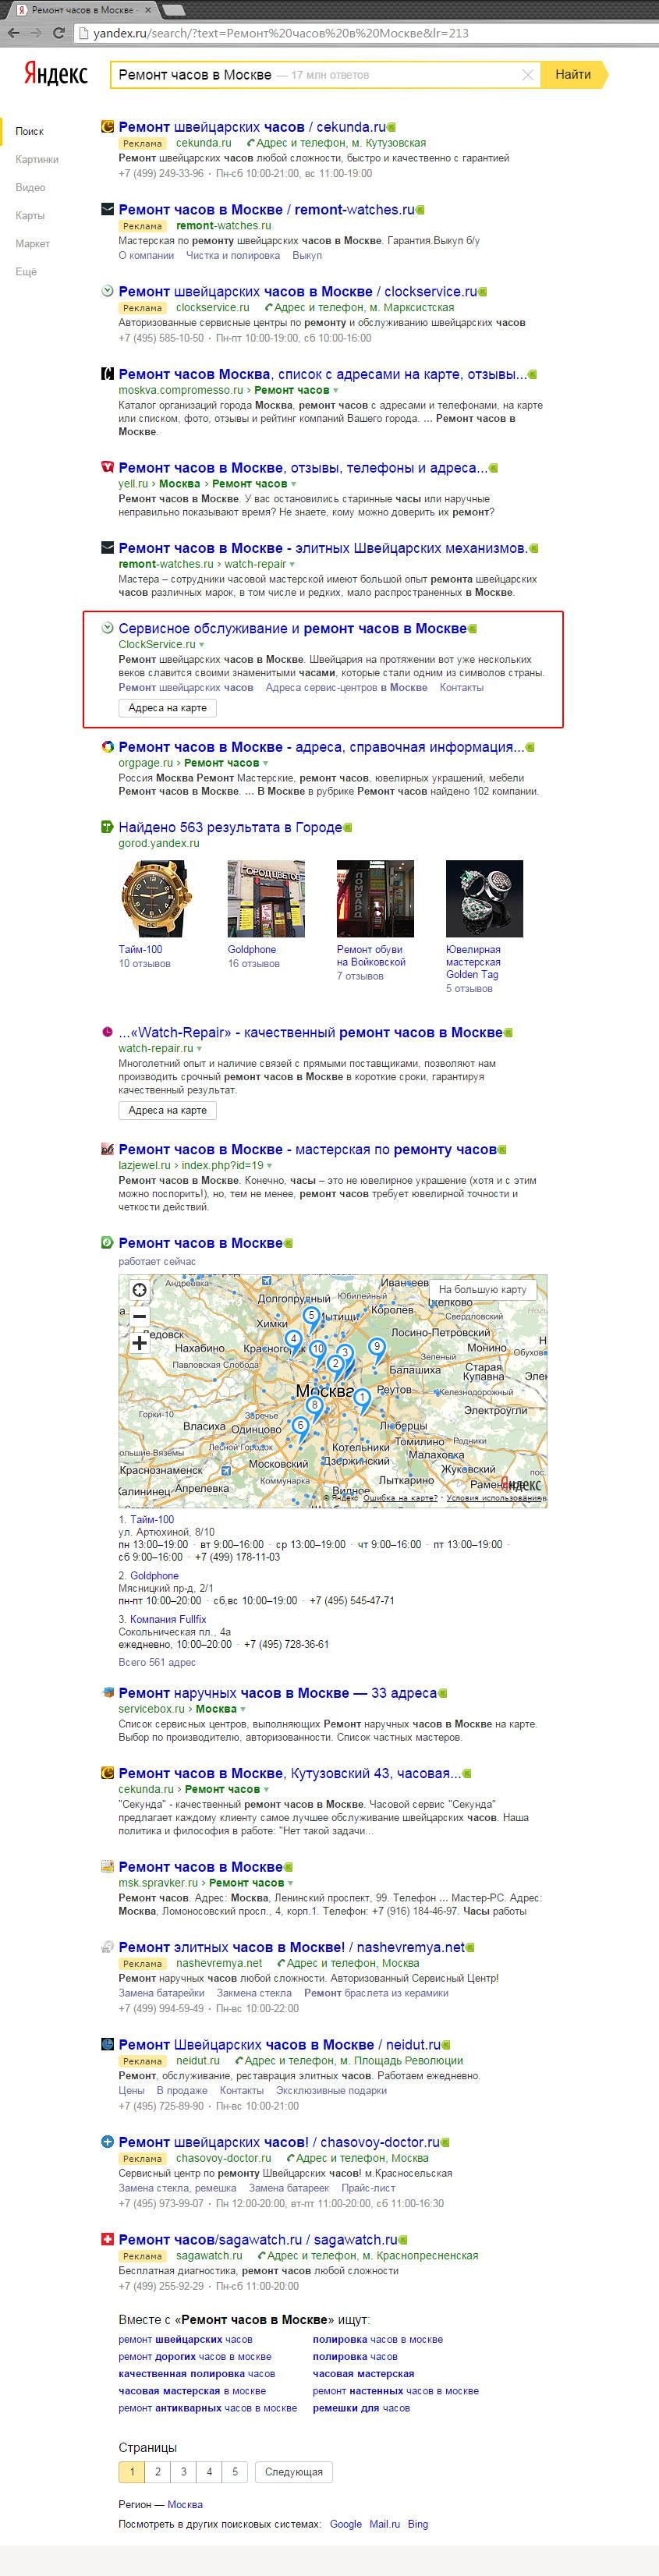 Ремонт часов в Москве, Москва и область / Яндекс (4-место)